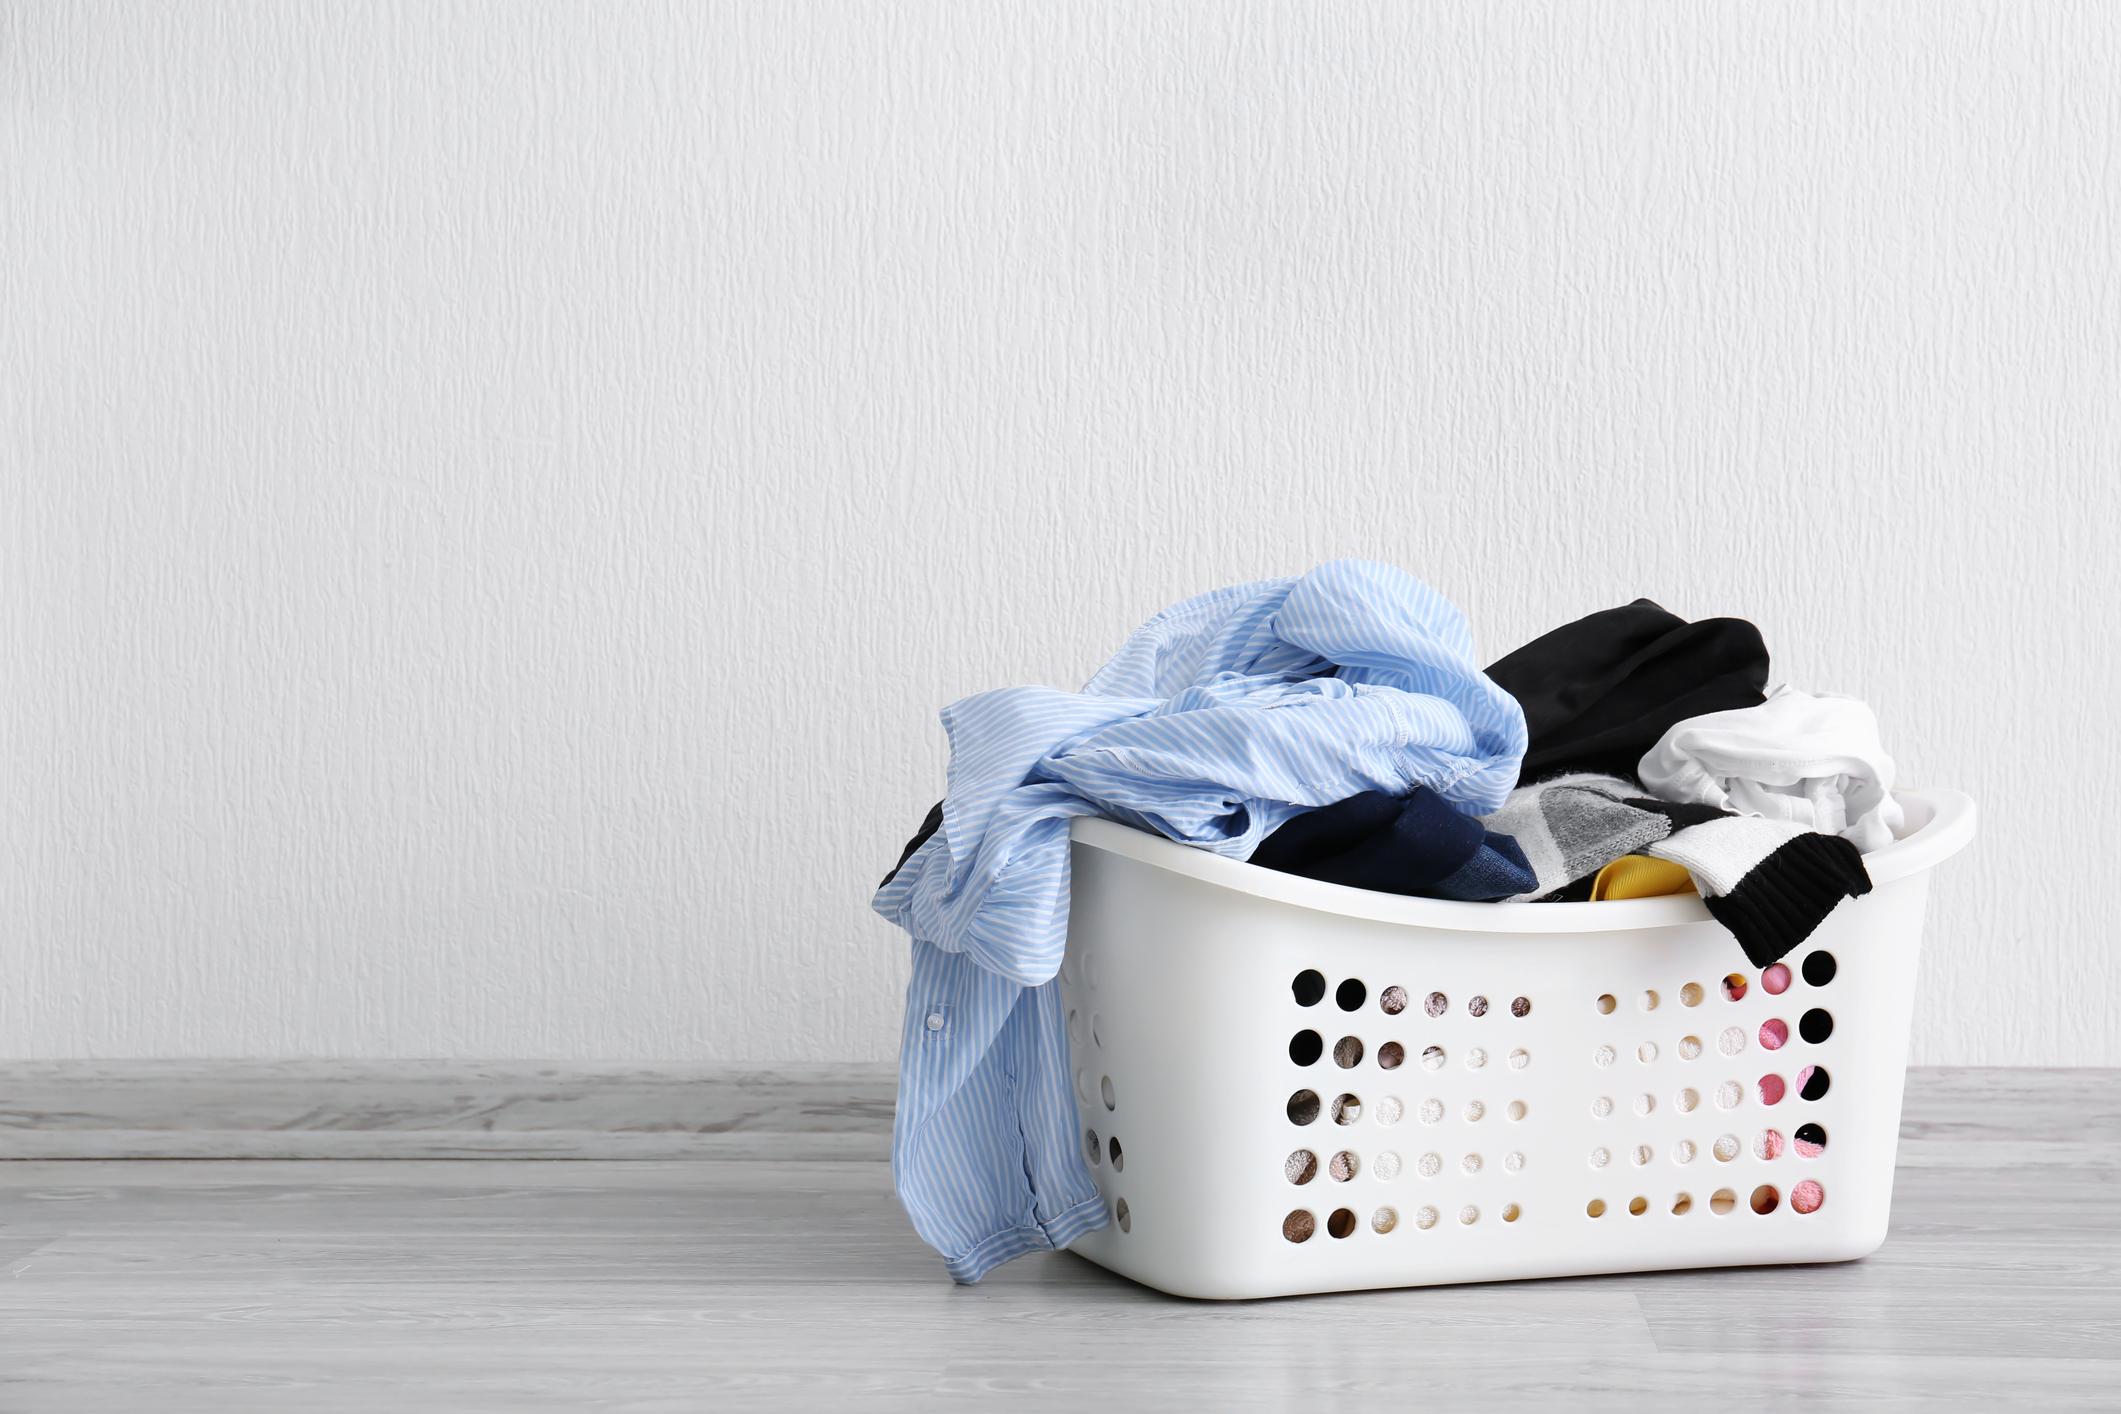 Кошът с мръсните дрехи е препълнен.